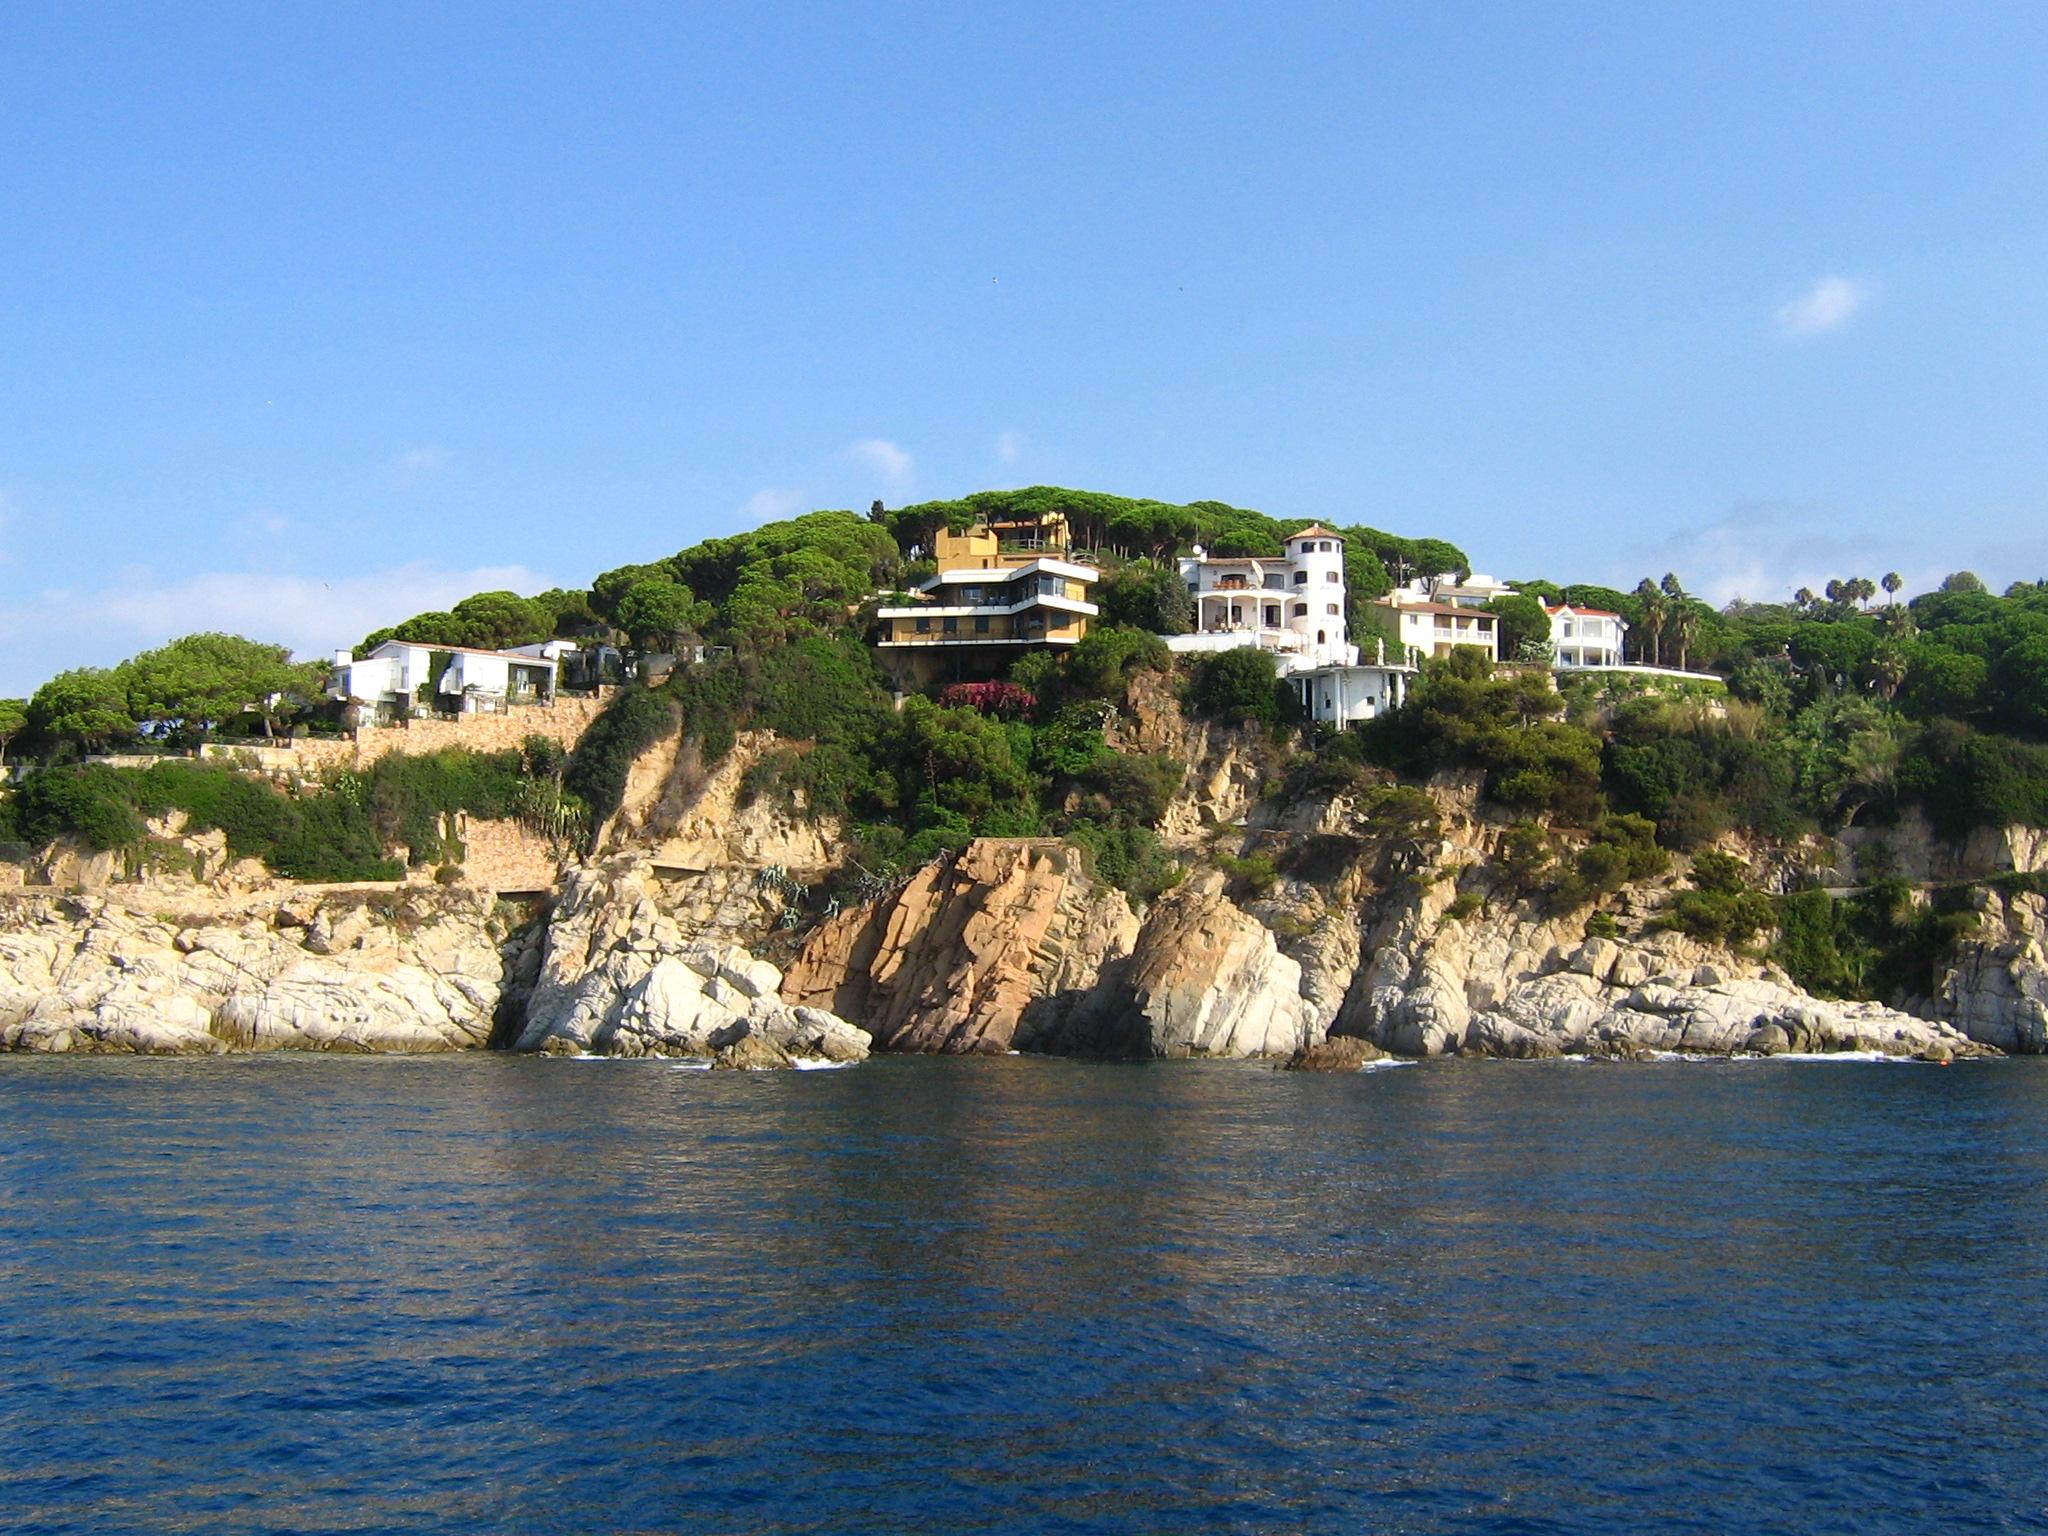 Playa Cala Morisca